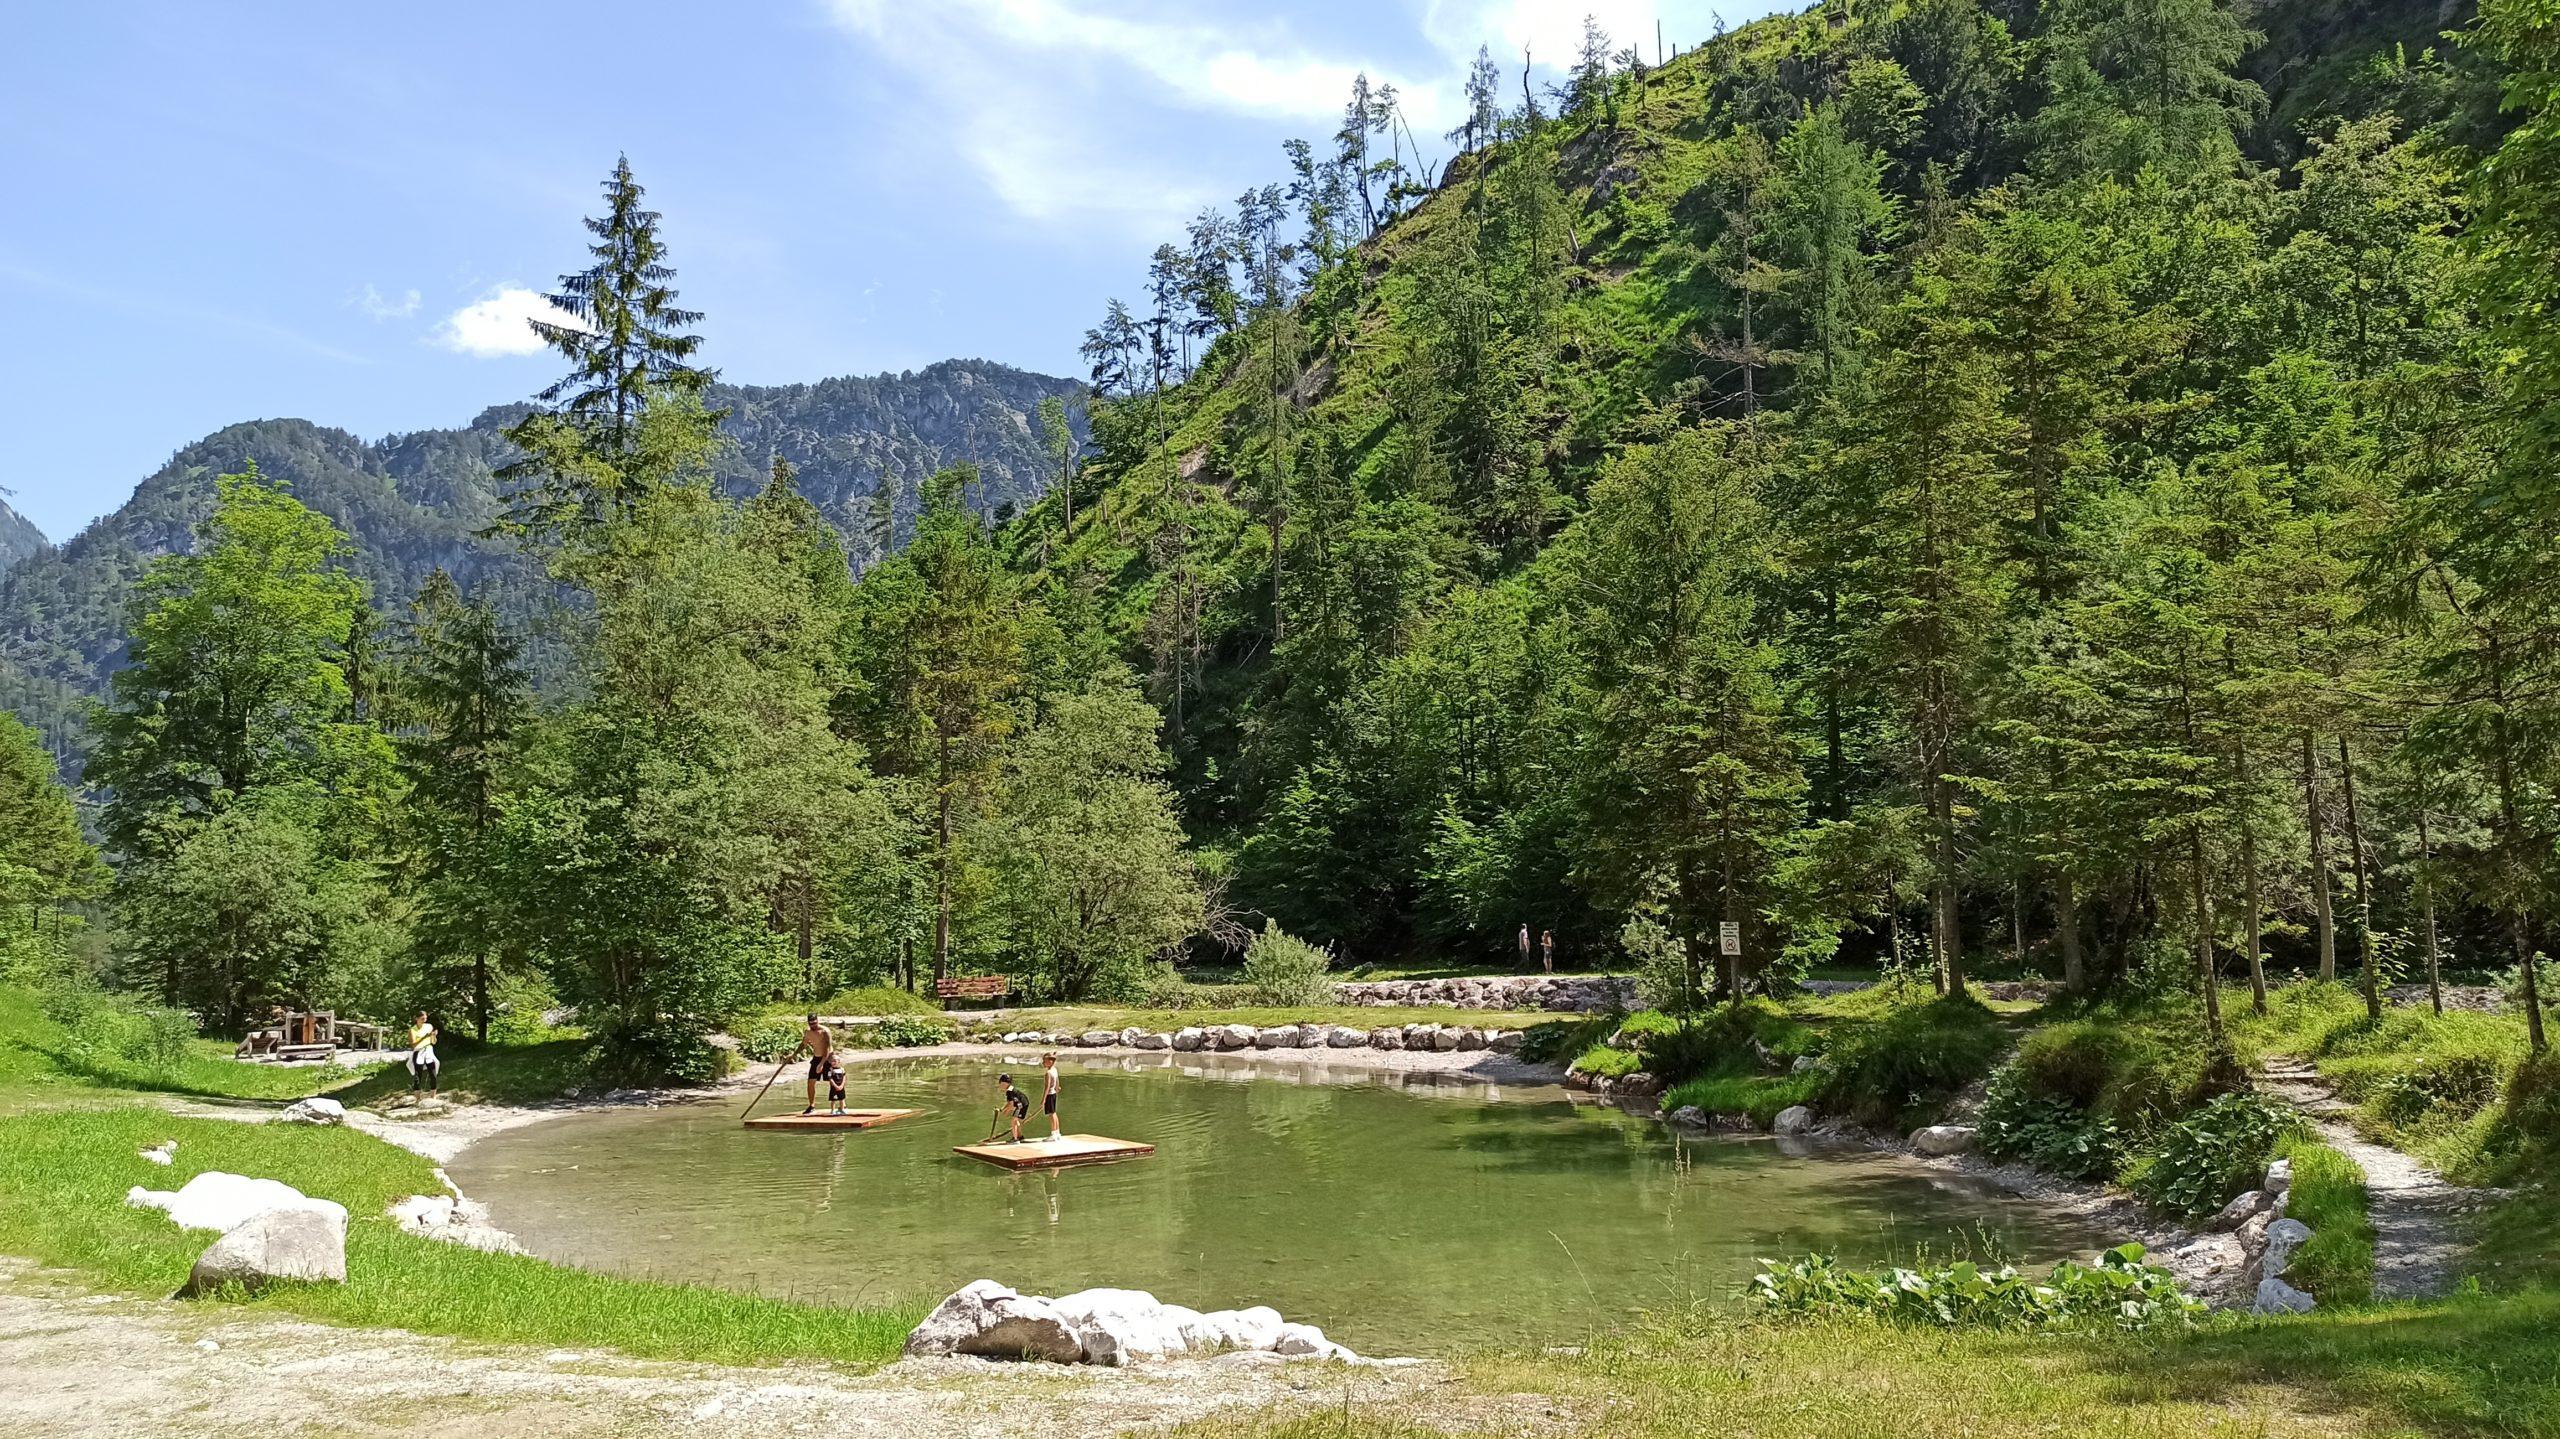 Der idyllisch gelegene Natursee, den man etwa zur Hälfte des Erlebnisweges erreicht